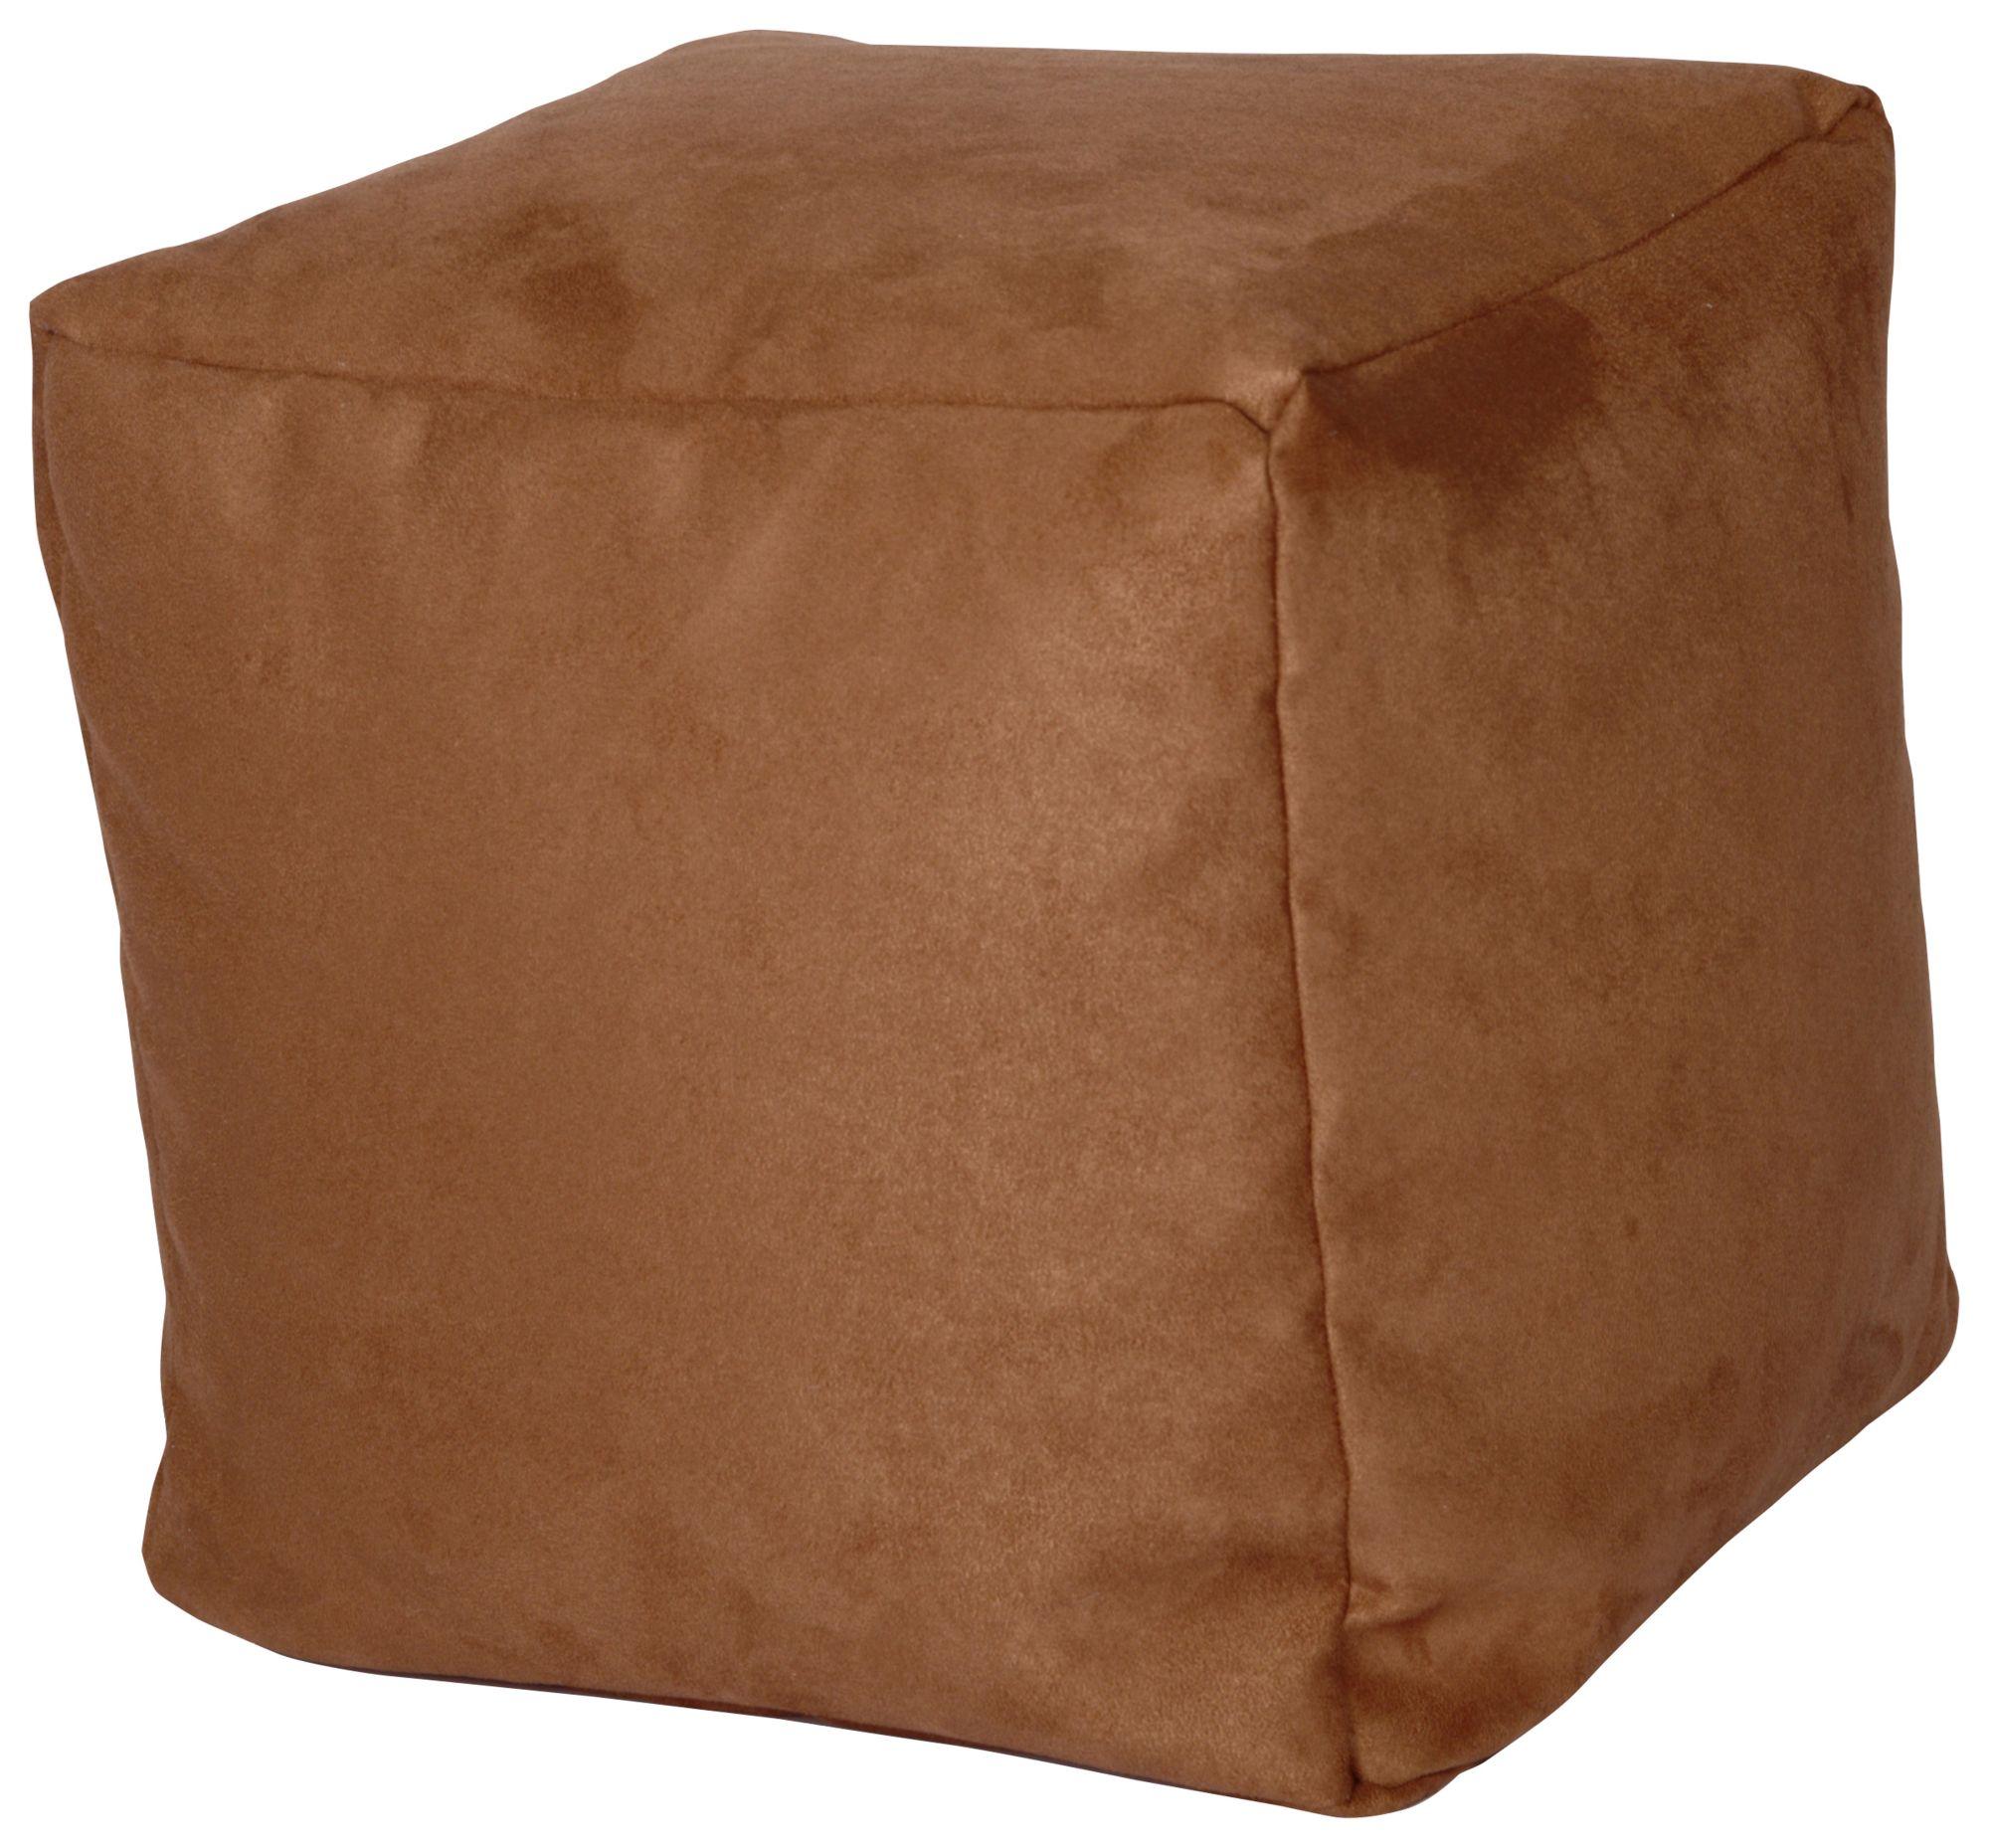 poufs im schwab online shop m bel hocker. Black Bedroom Furniture Sets. Home Design Ideas